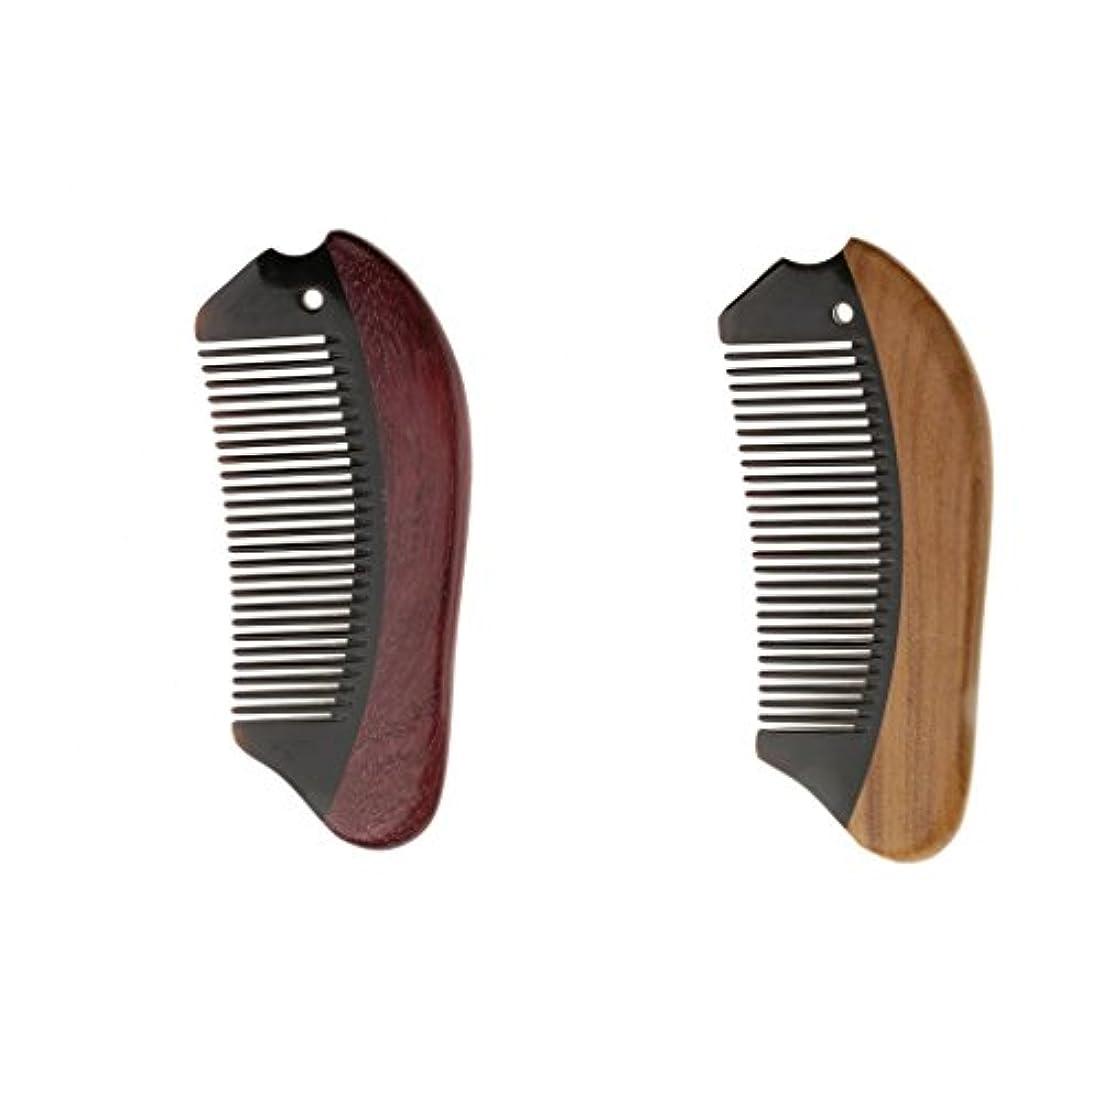 失効適応する通信するHomyl 2個 木製 櫛 コーム 静電気防止 マッサージ 高品質 プレゼント 滑らか 快適